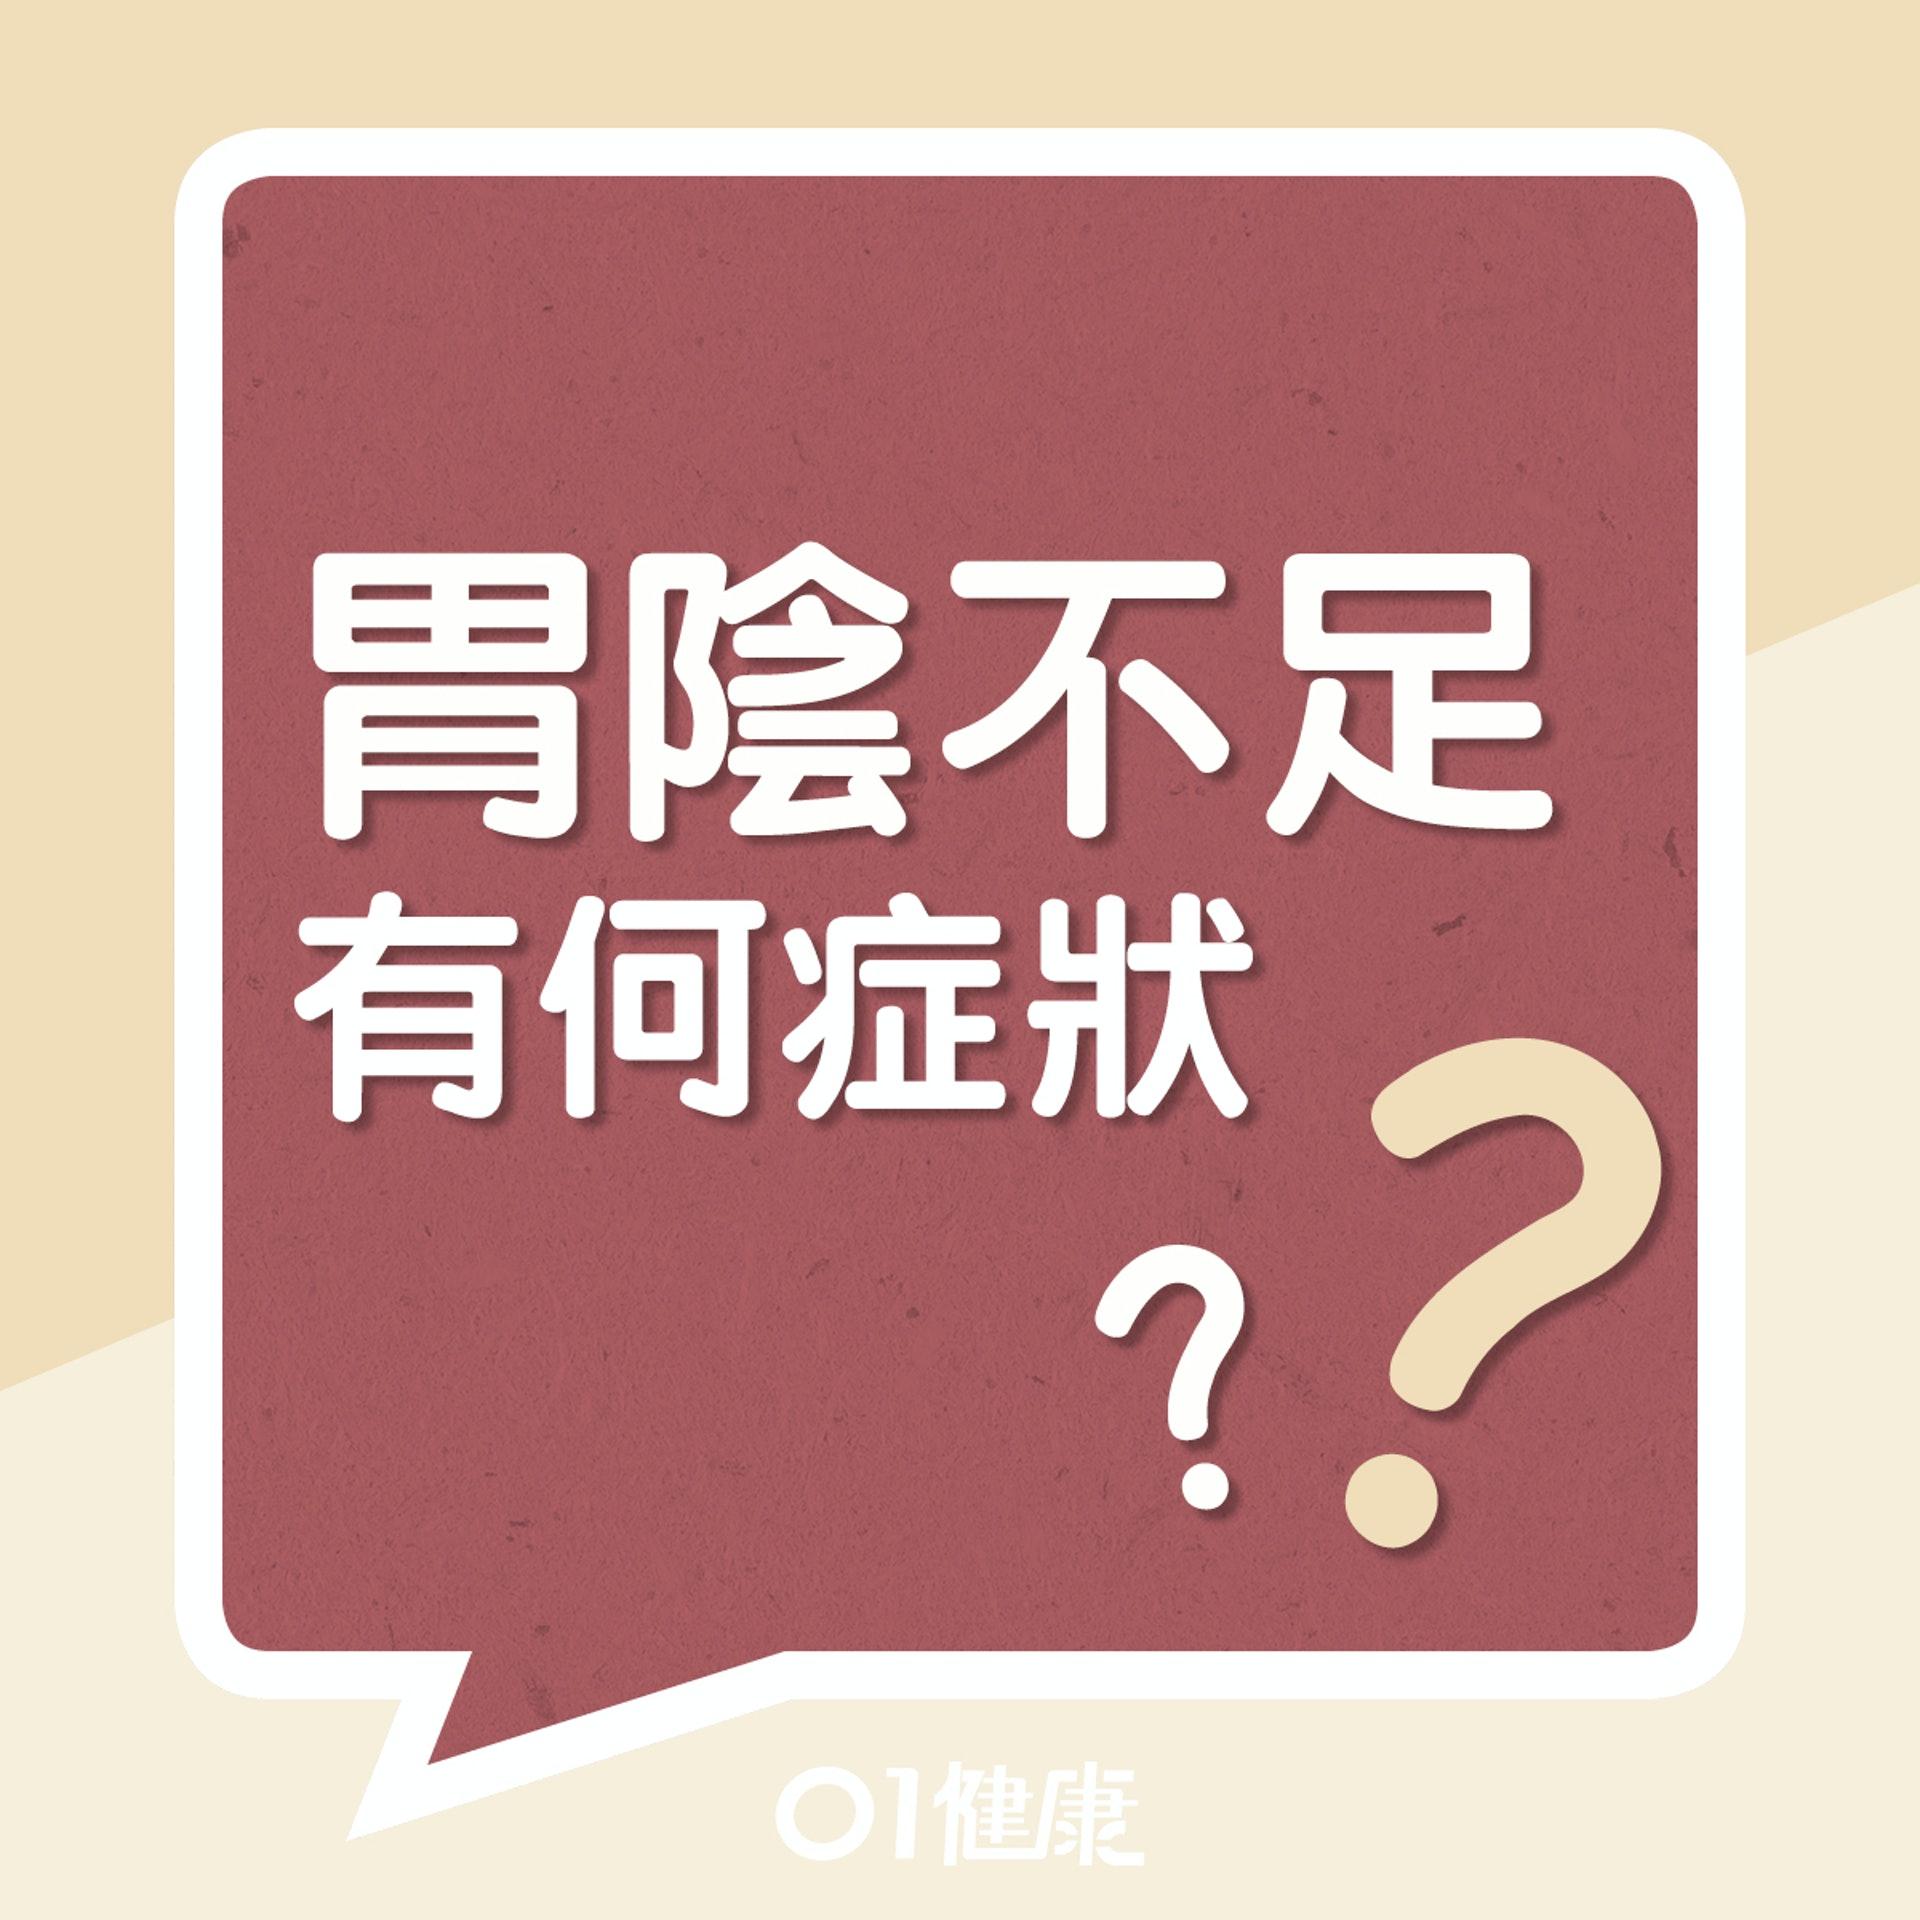 胃陰不足有什麼症狀?(01製圖)